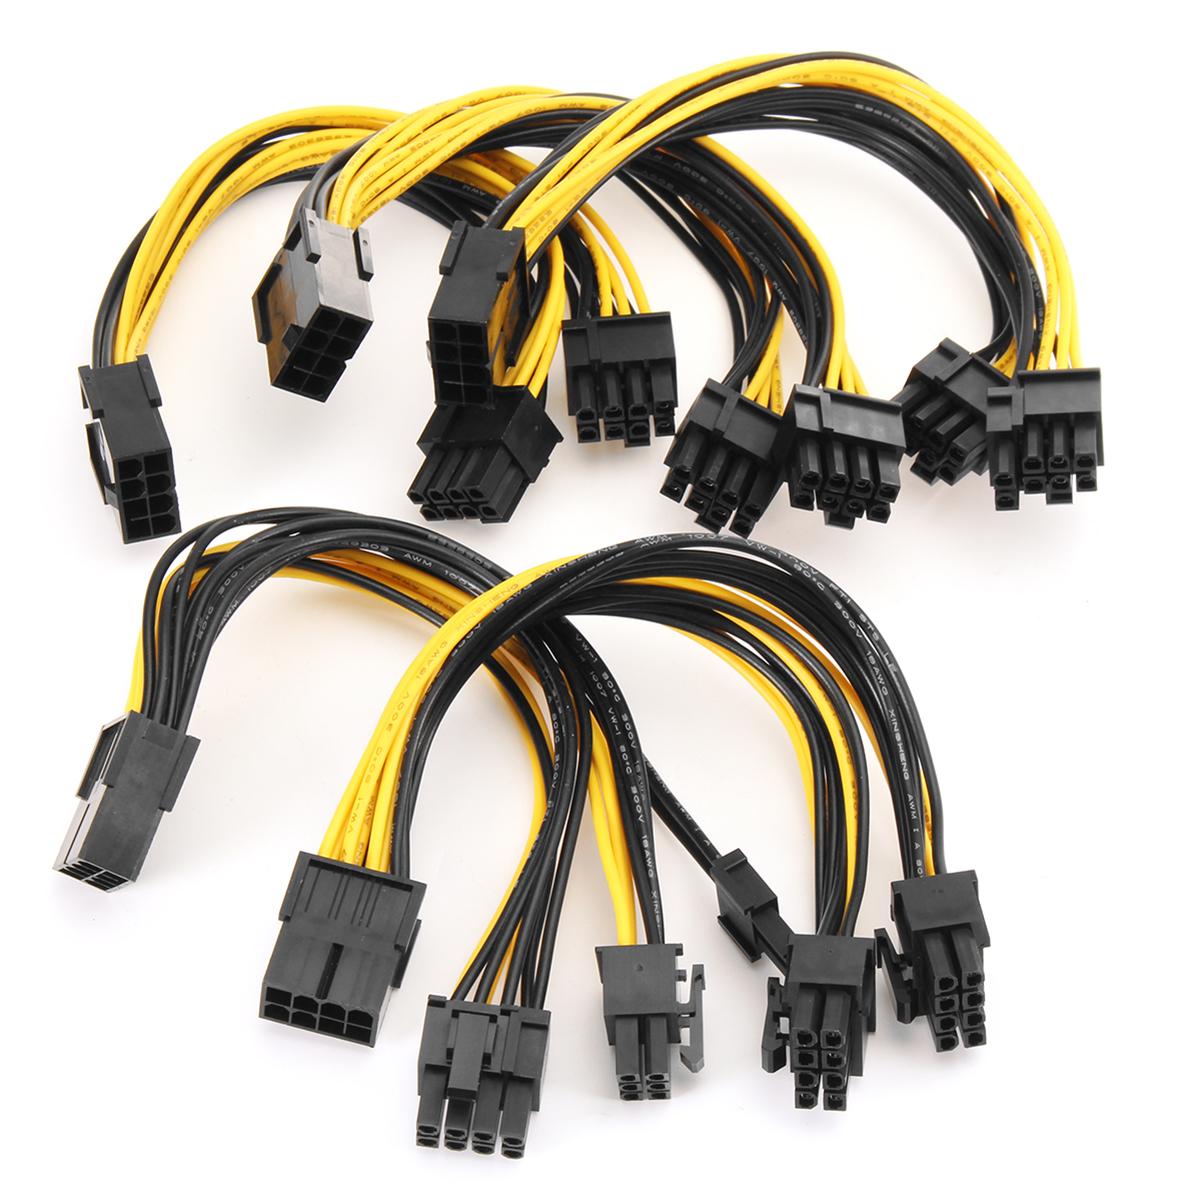 5pcs PCI-E 8-pin to 2x 6+2-pin Power Splitter Cable PCIE PCI Express Splitter Ribbon Miner Cable